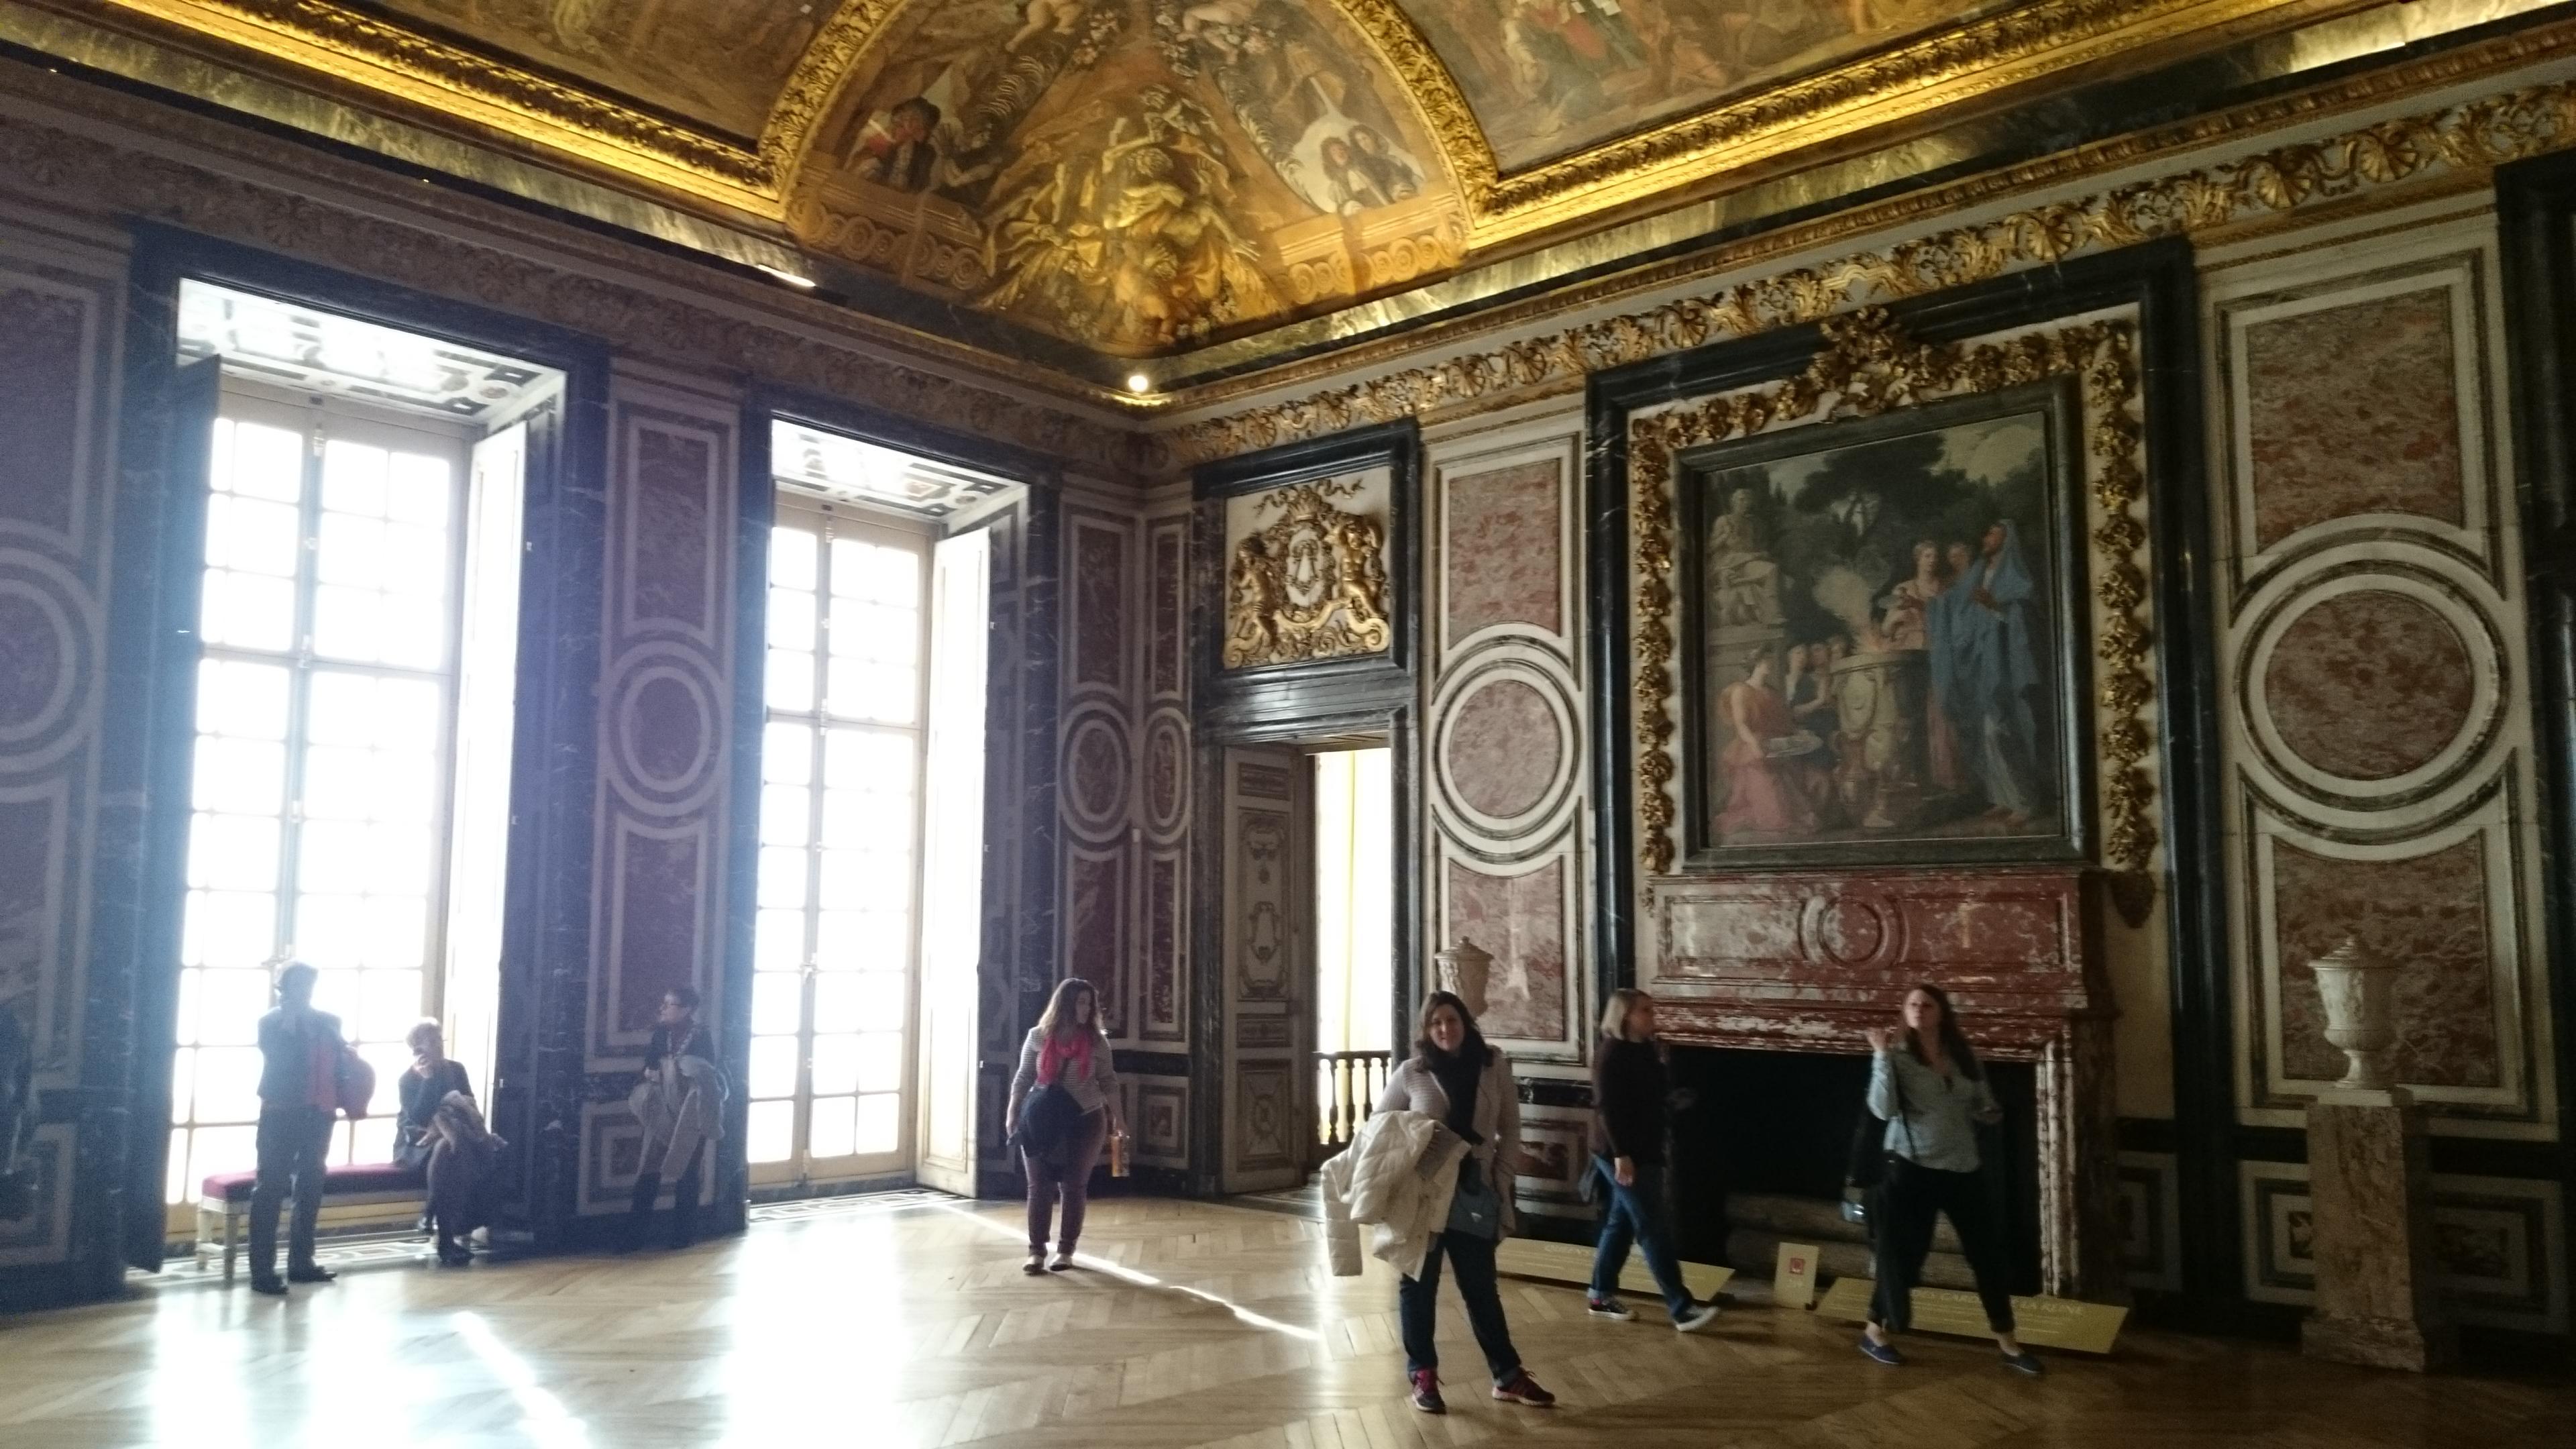 dsc 14021 - Visita al Palacio de Versalles: Como ir, cuanto cuesta y tips III/III